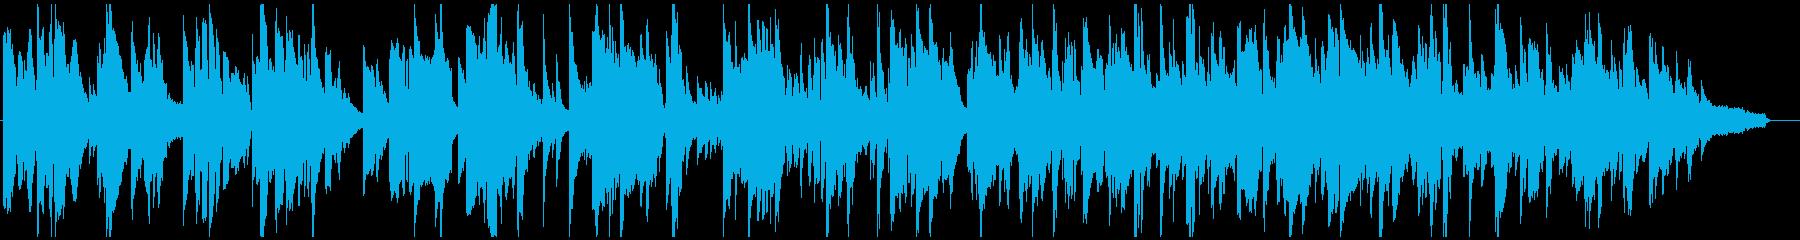 テナーサックス生演奏のラウンジ系バラードの再生済みの波形